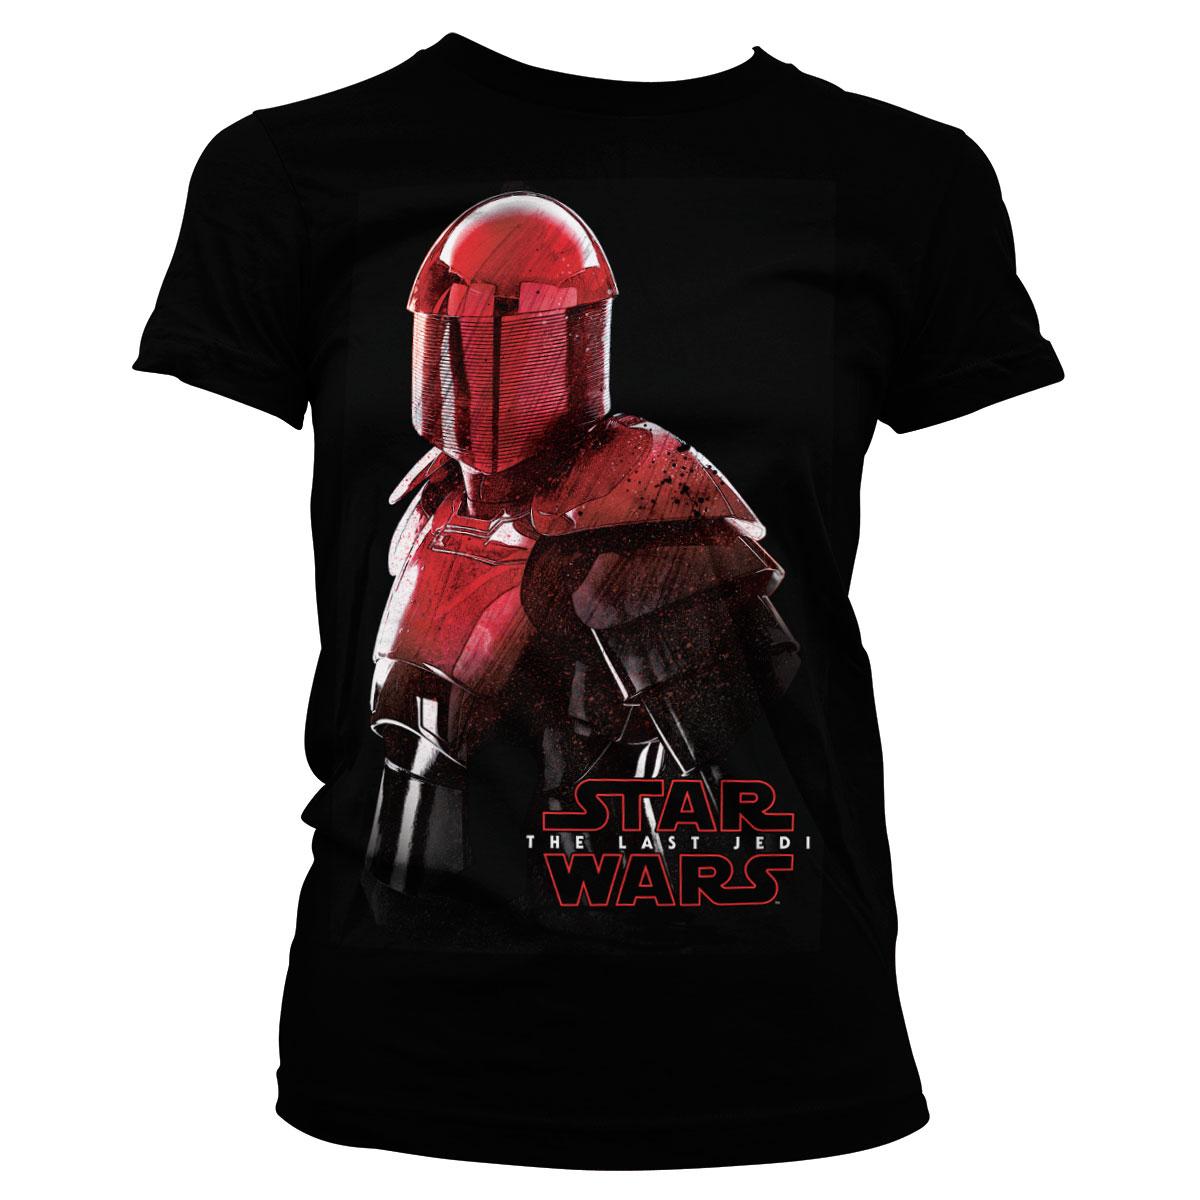 Star Wars The Last Jedi Elite Praetorian Guard Dam T-shirt